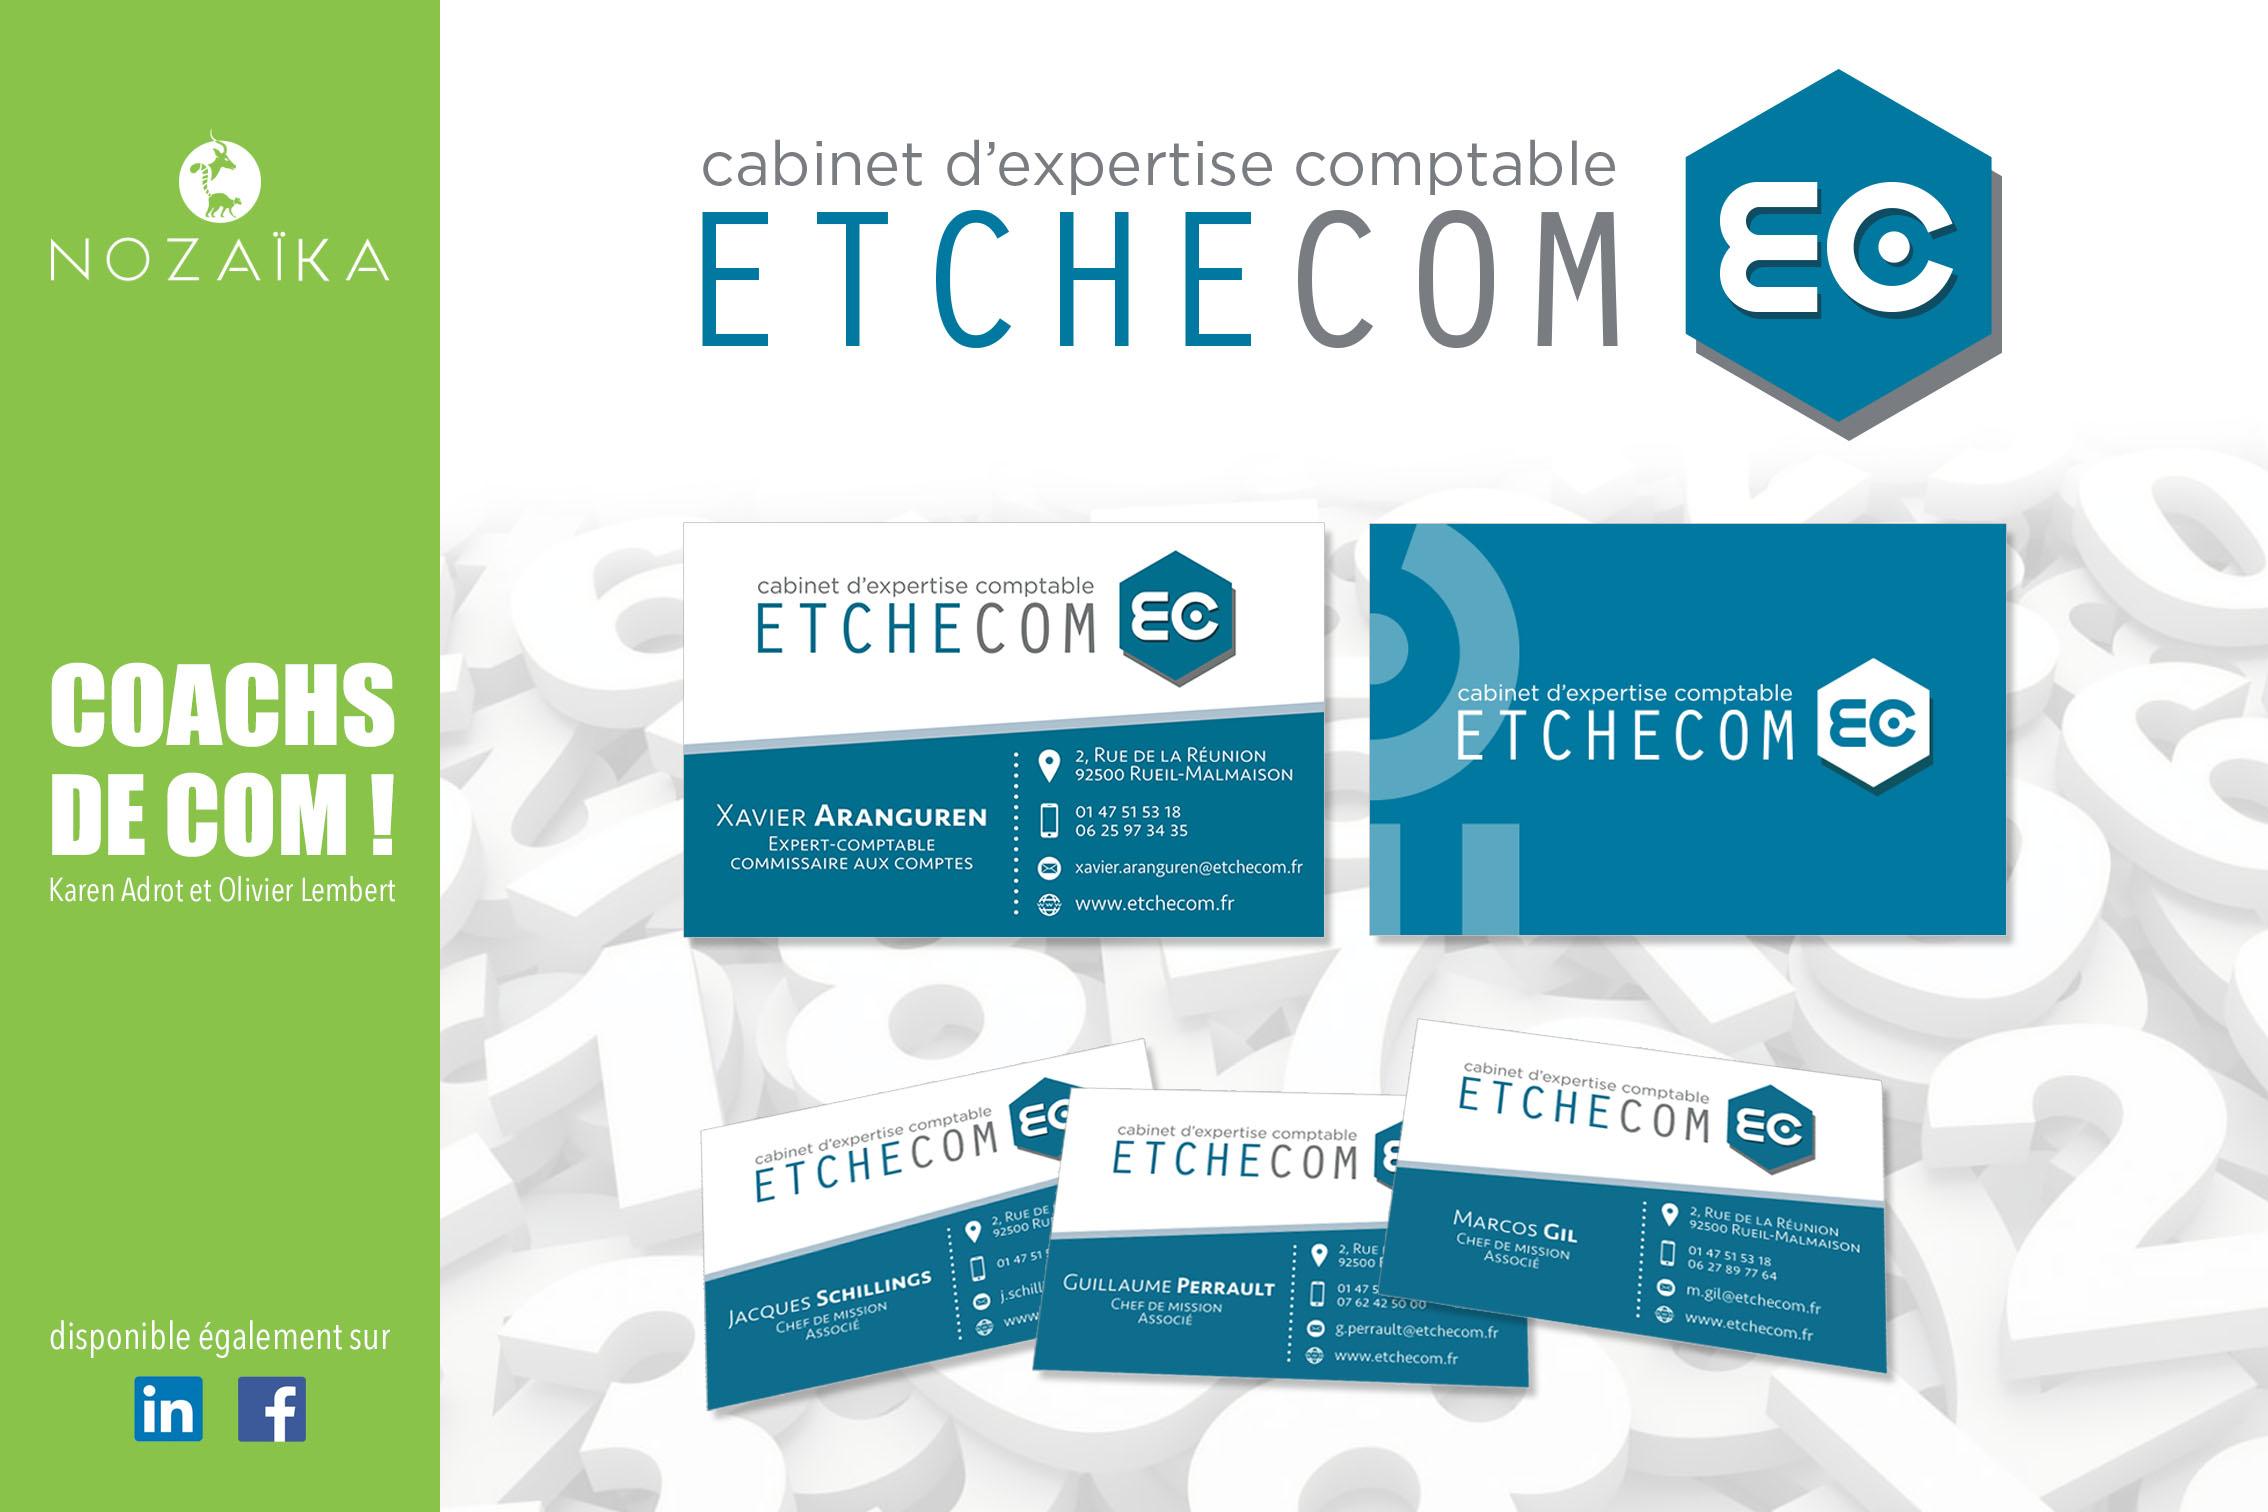 ETCHECOM